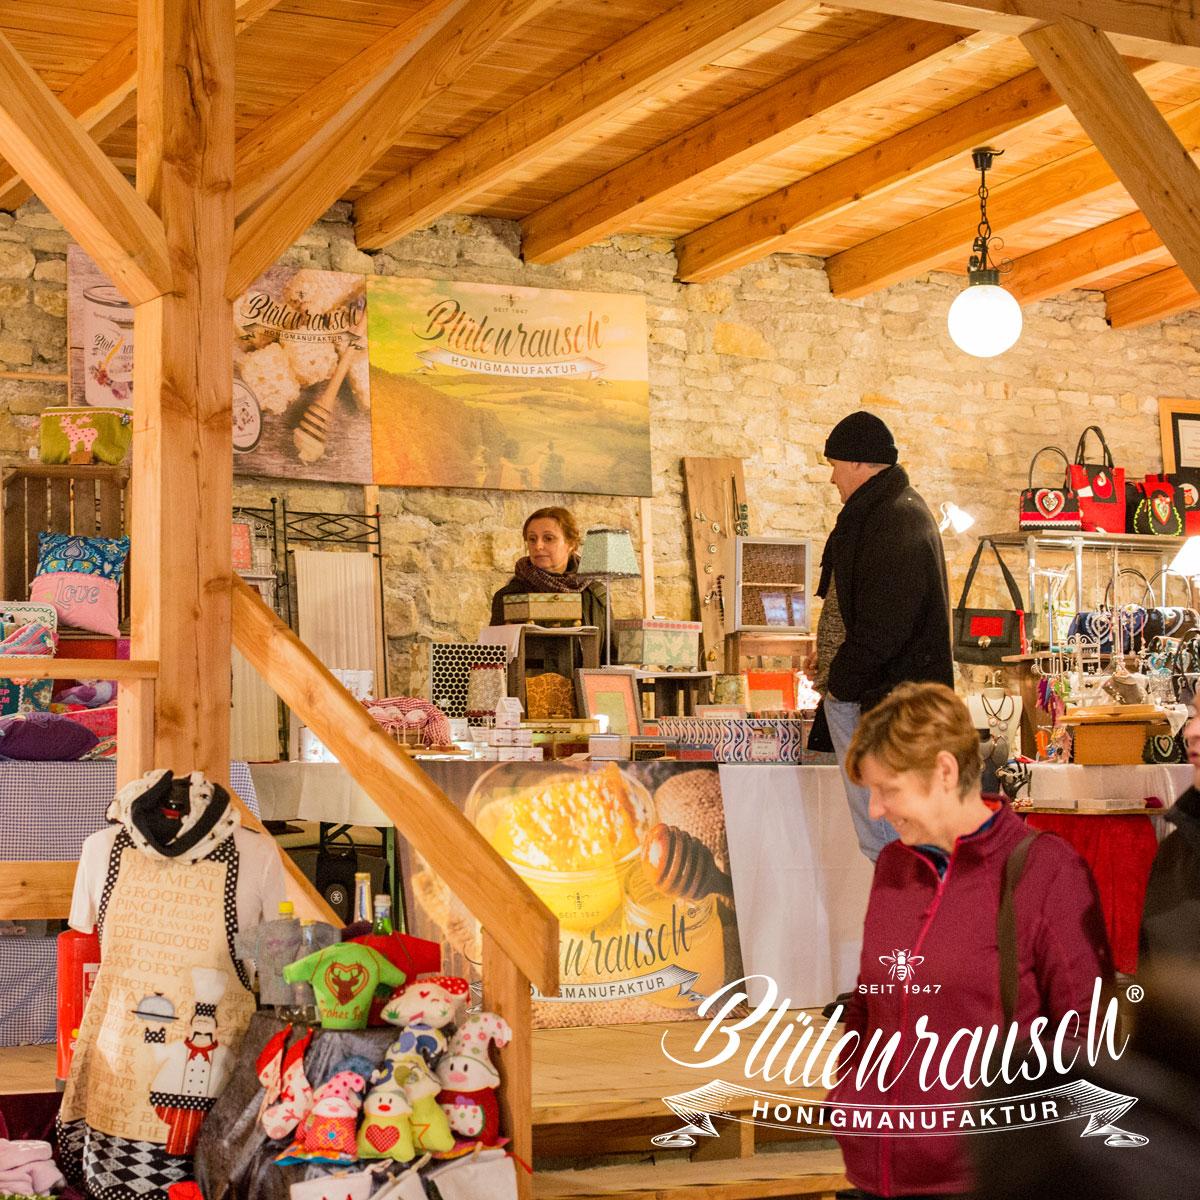 Honig-Markt-Adlersberg-Kuenstler-handwerkermarkt-Bluetenrausch-Termine-Verkaufsstellen-1